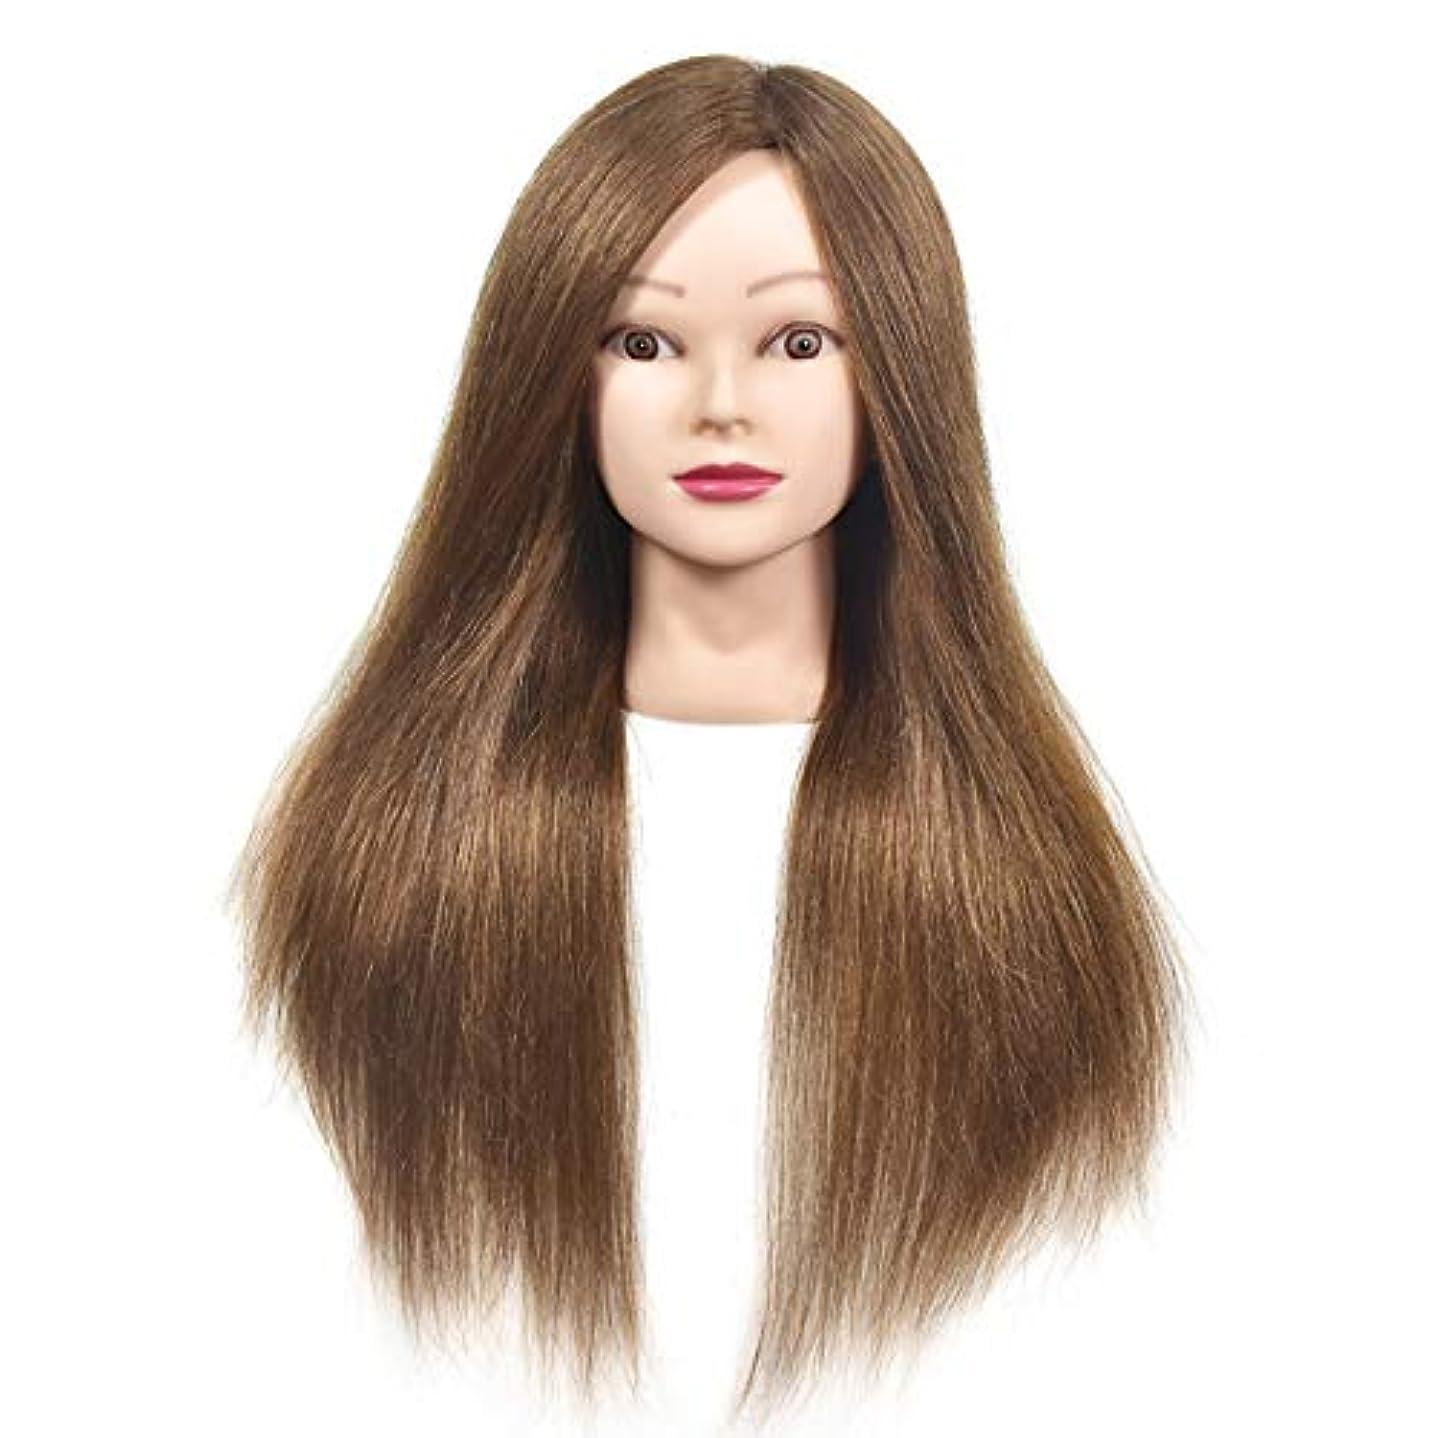 無駄にその熱望する本物の人間の髪のかつらの頭の金型の頭の編み出しスタイリングのマネキン頭の理髪店の練習の教師のダミーヘッド